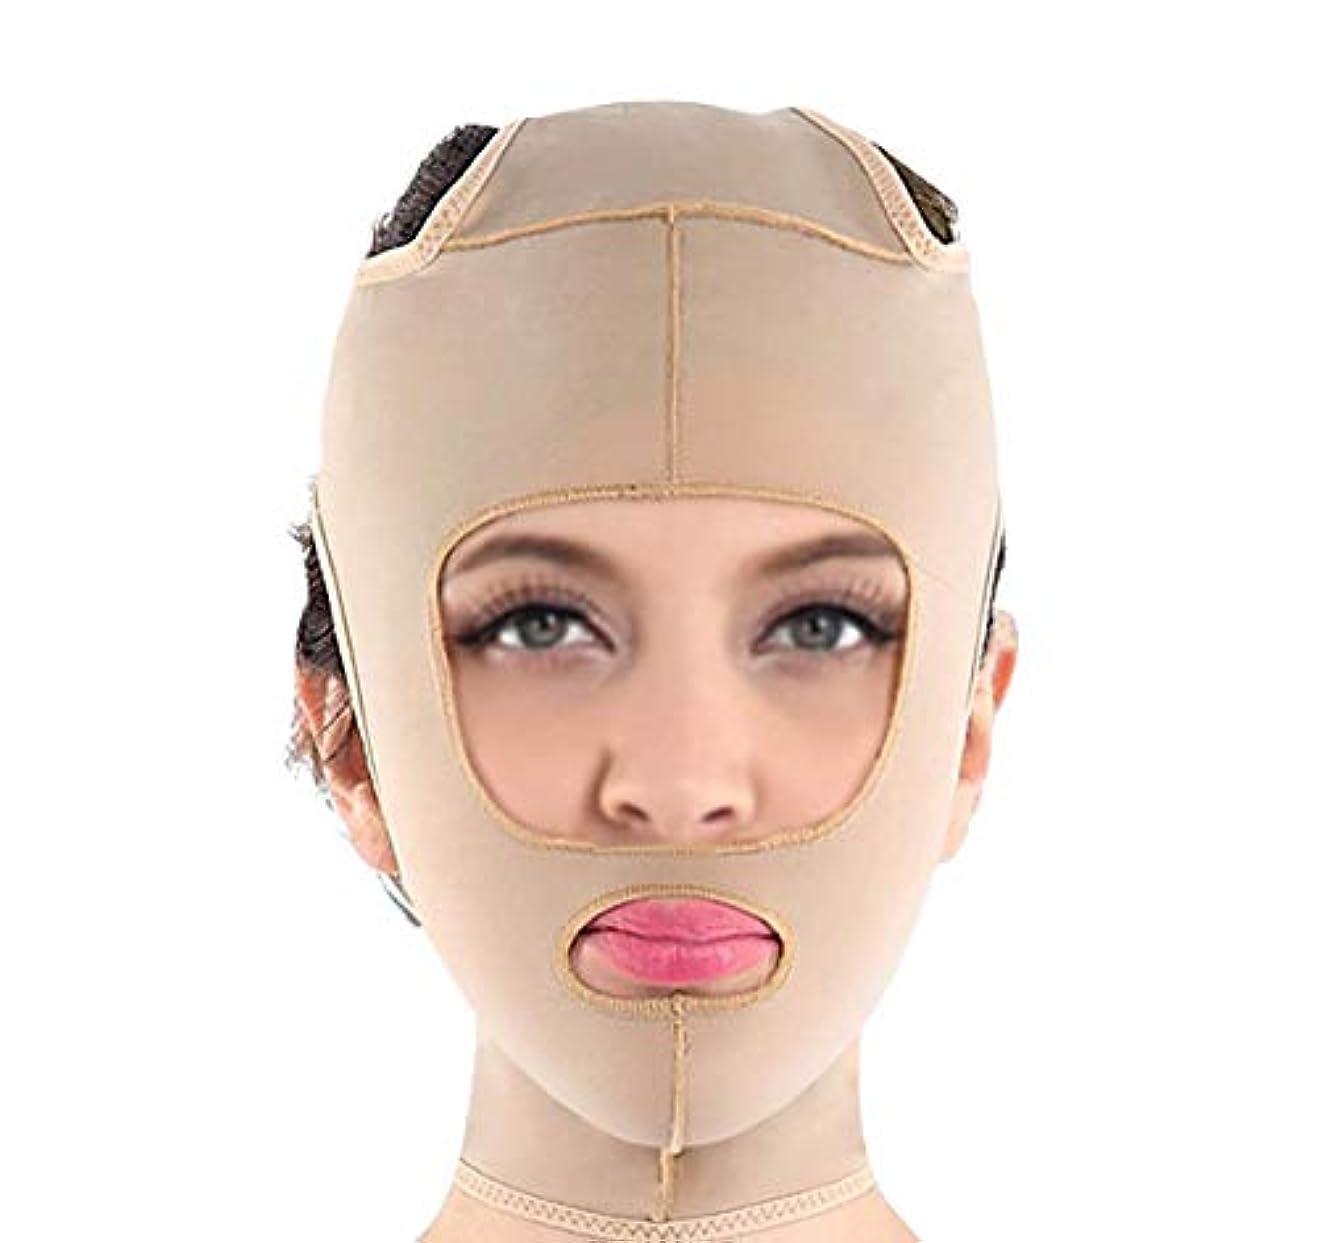 北ブロック流暢包帯vフェイス楽器フェイスマスクマジックフェイスフェイシャル引き締めフェイシャルマッサージフェイシャルリンクルリフティング引き締めプラスチックマスク(サイズ:Xl),Xl